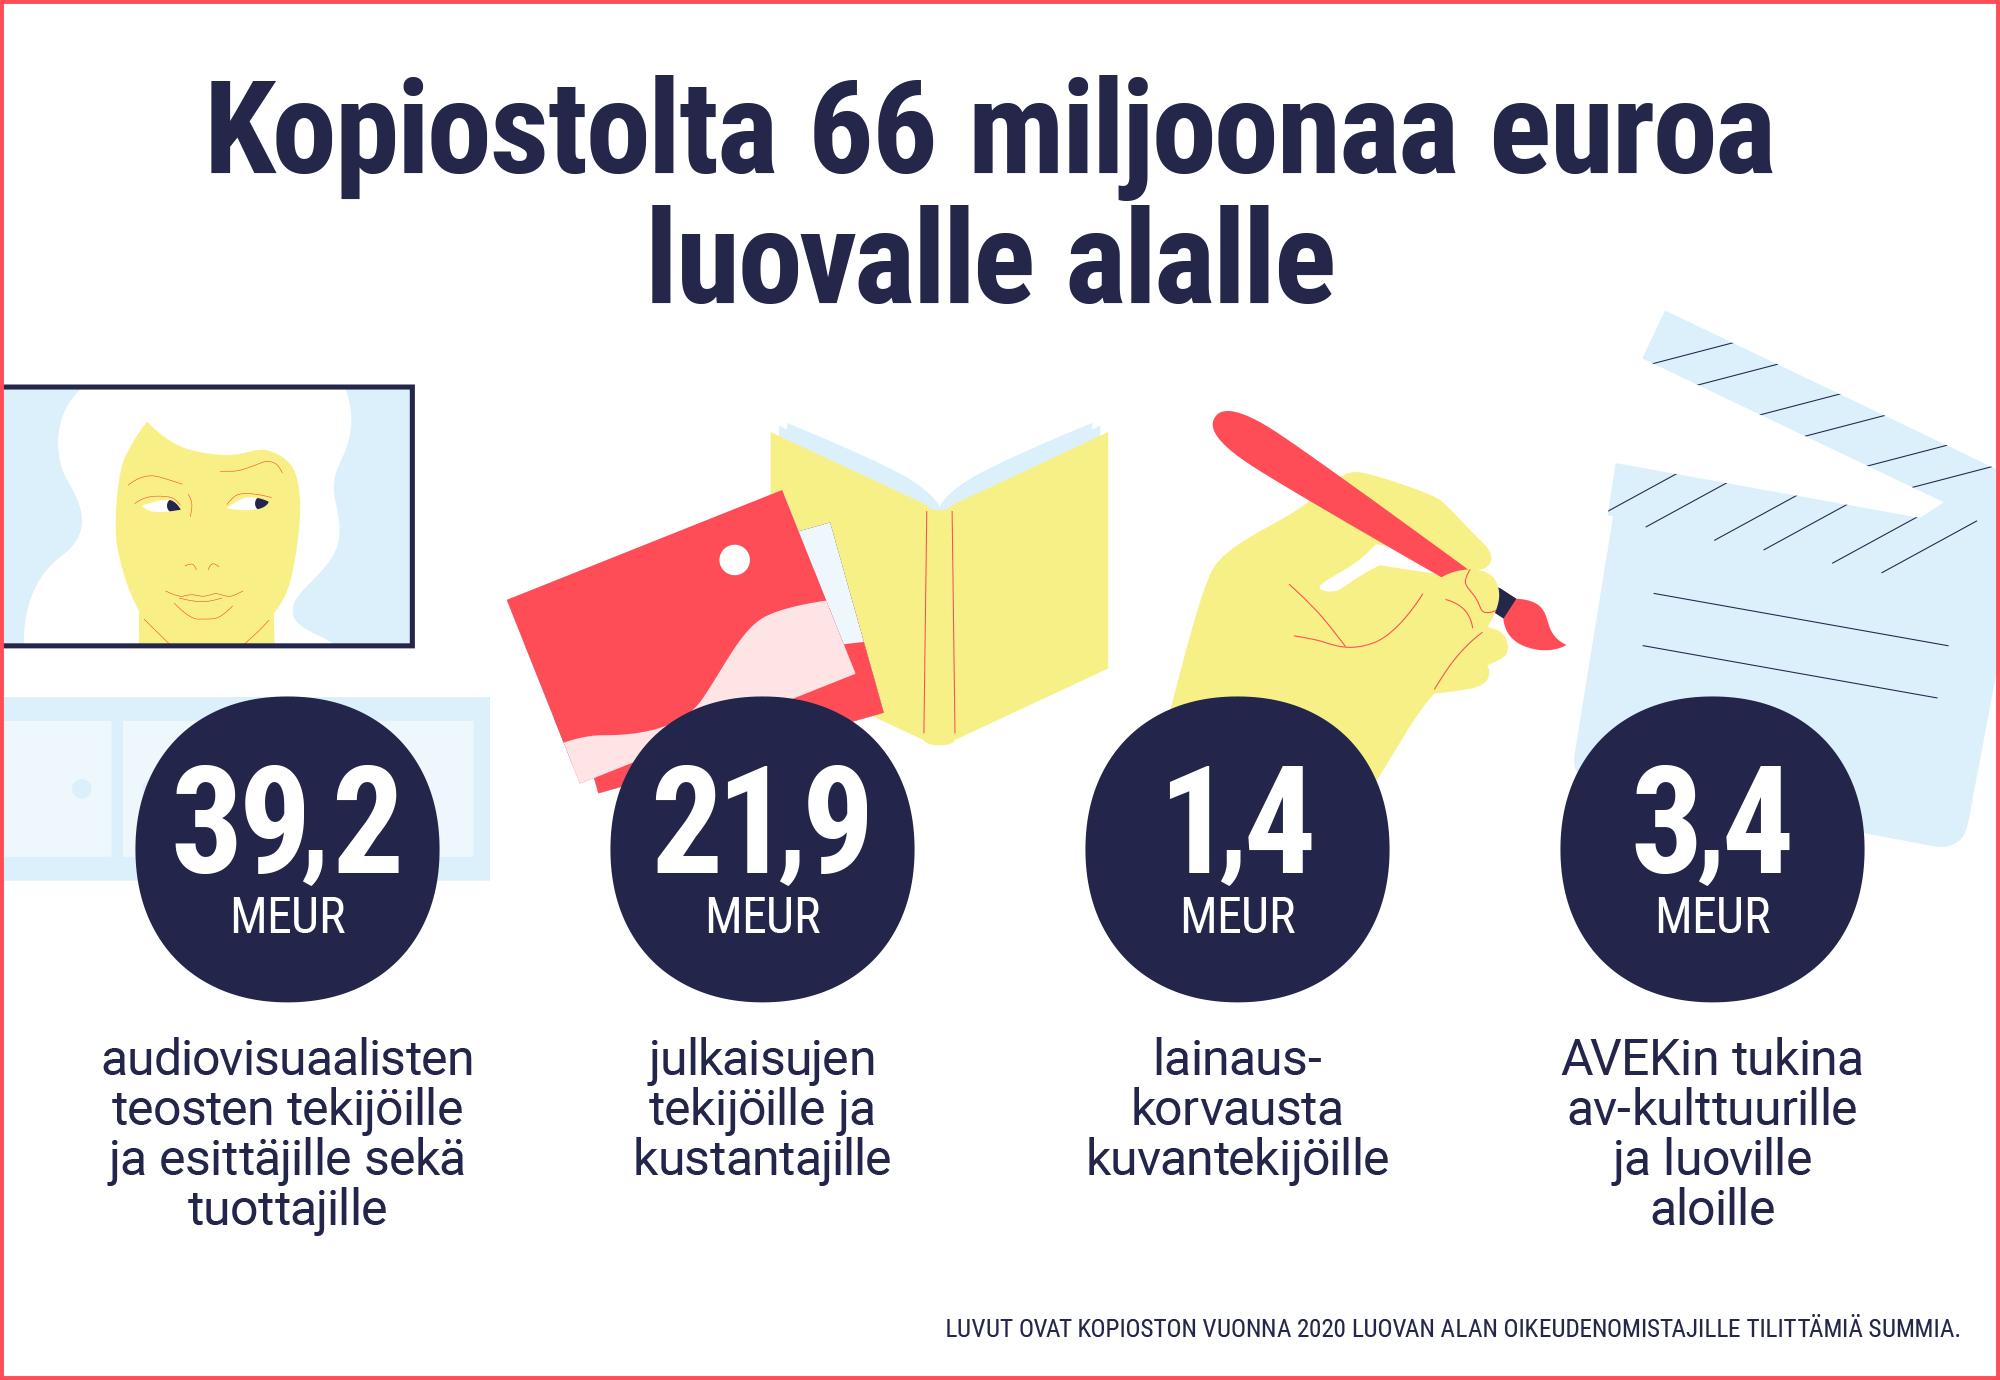 Kopiostolta 66 miljoonaa euroa luovallle alalle.